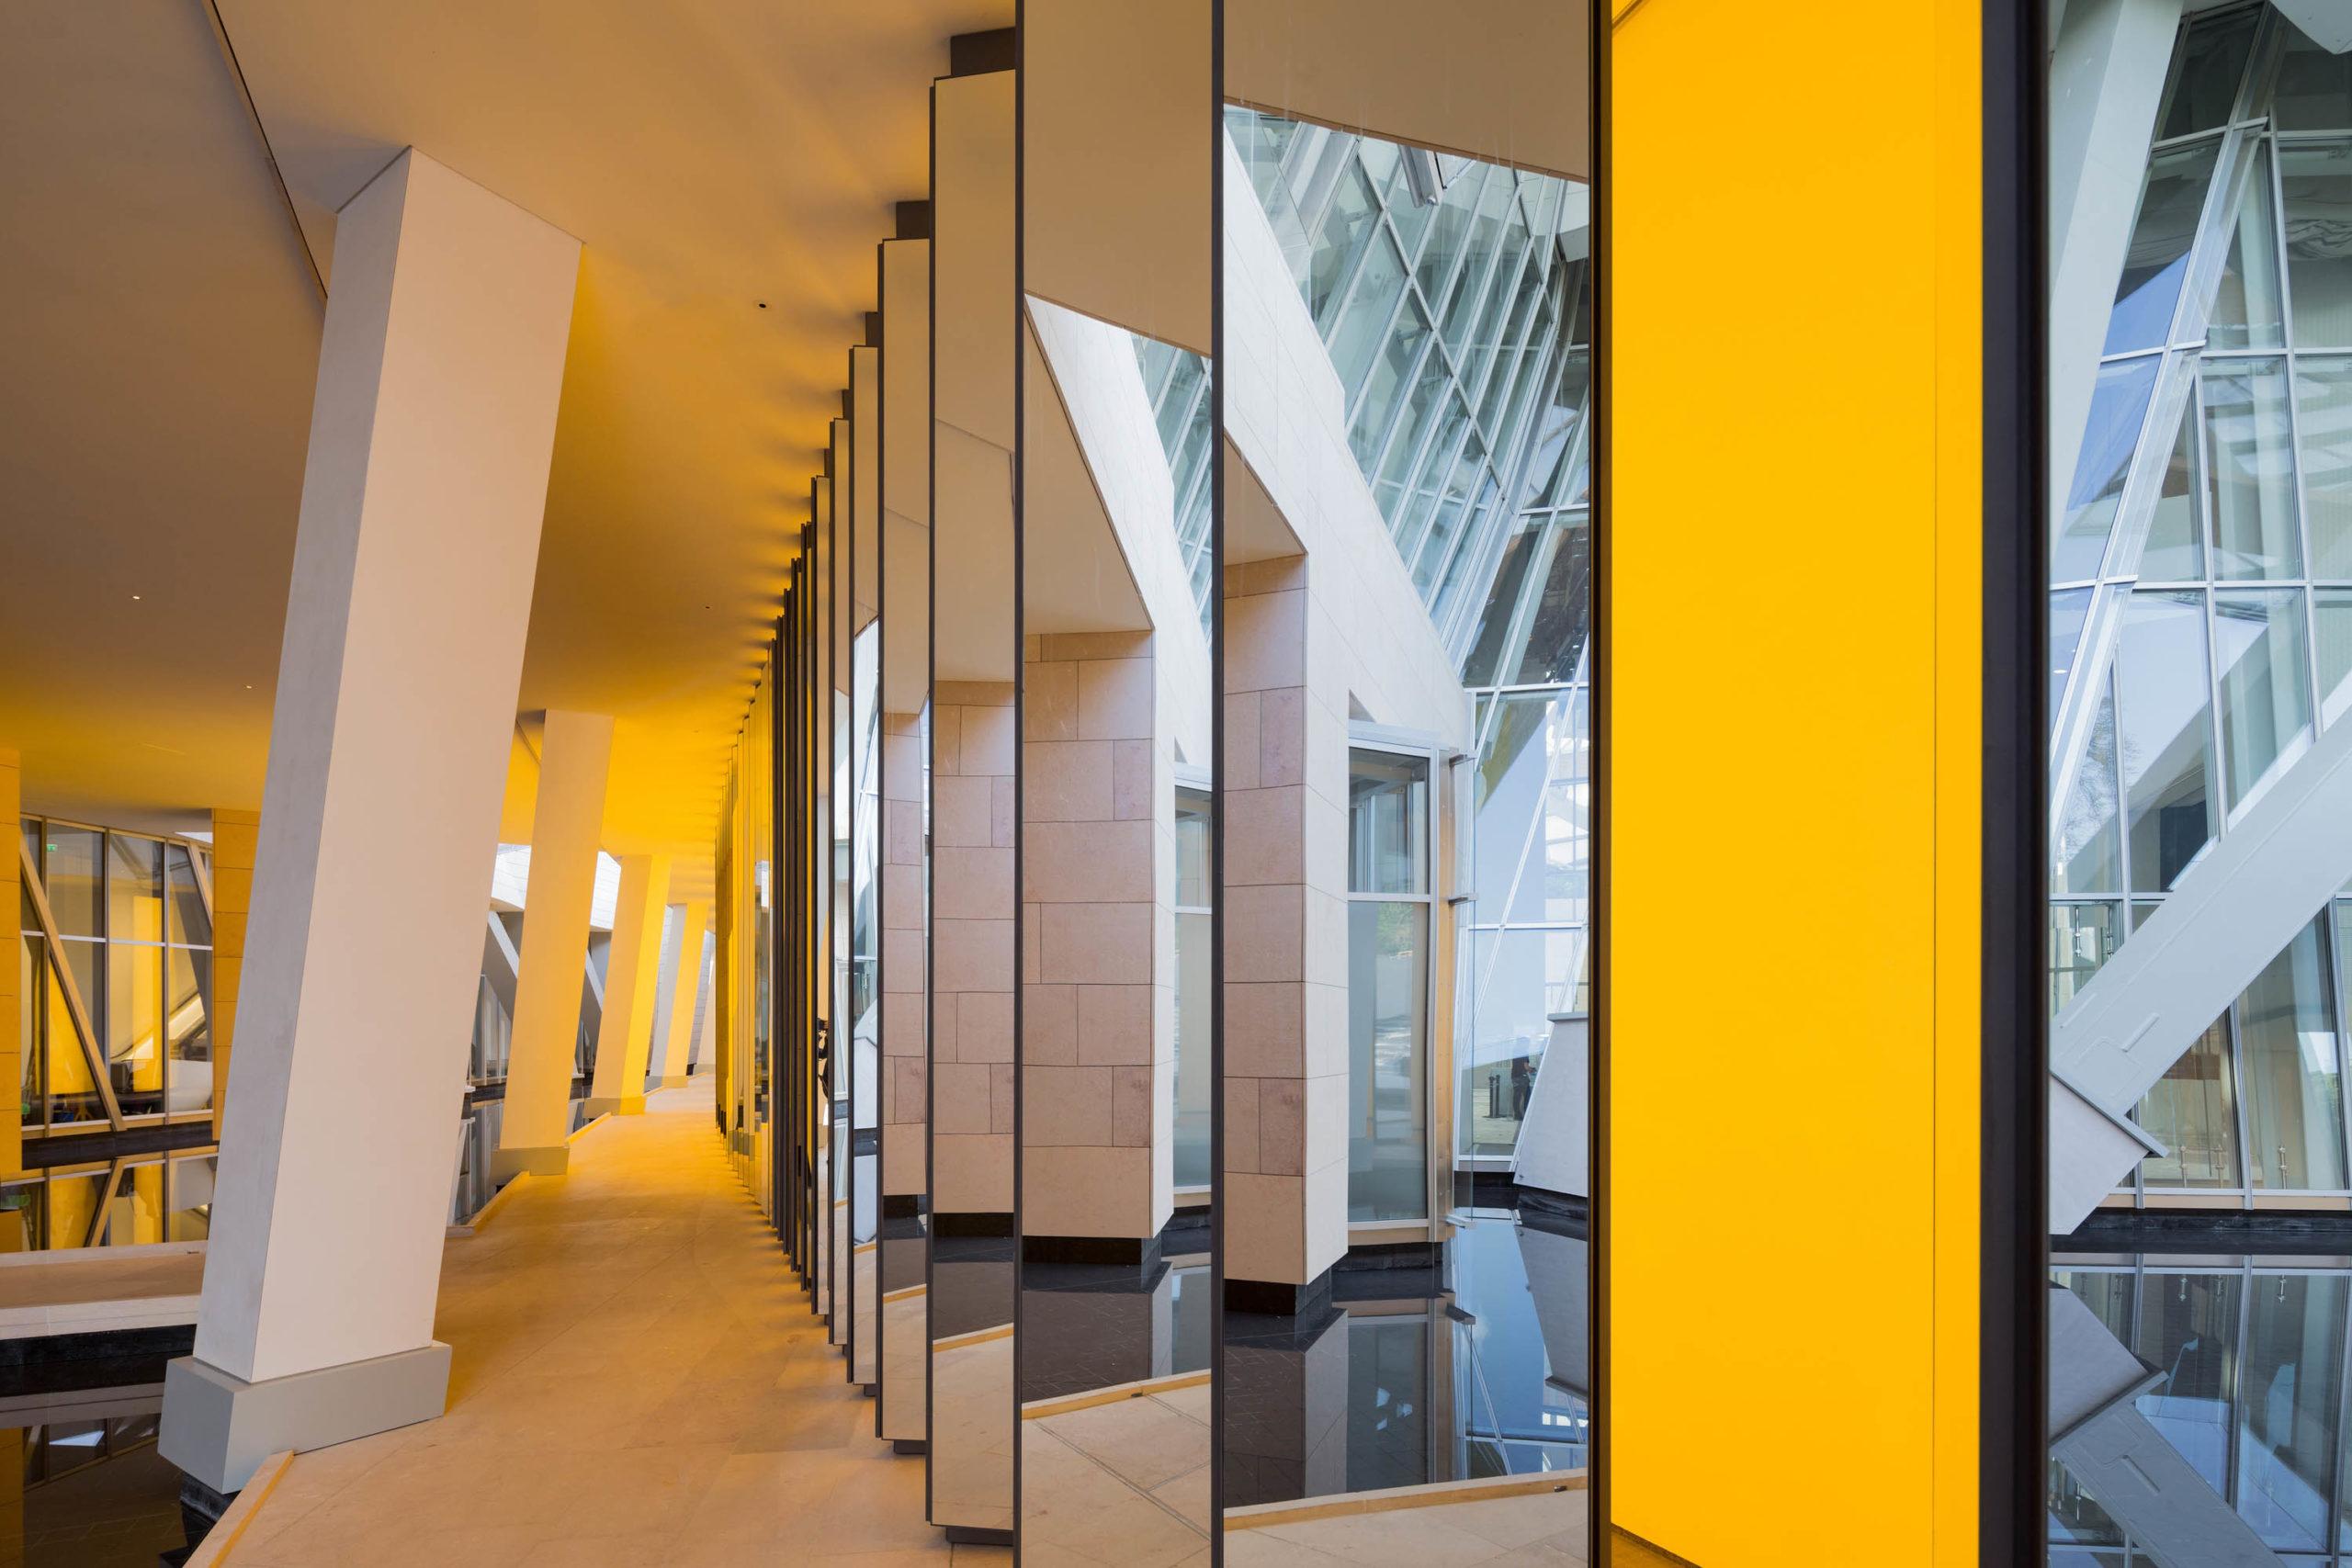 Atelier Emmanuel Barrois, Fondation Louis Vuitton, Olafur Eliasson 2